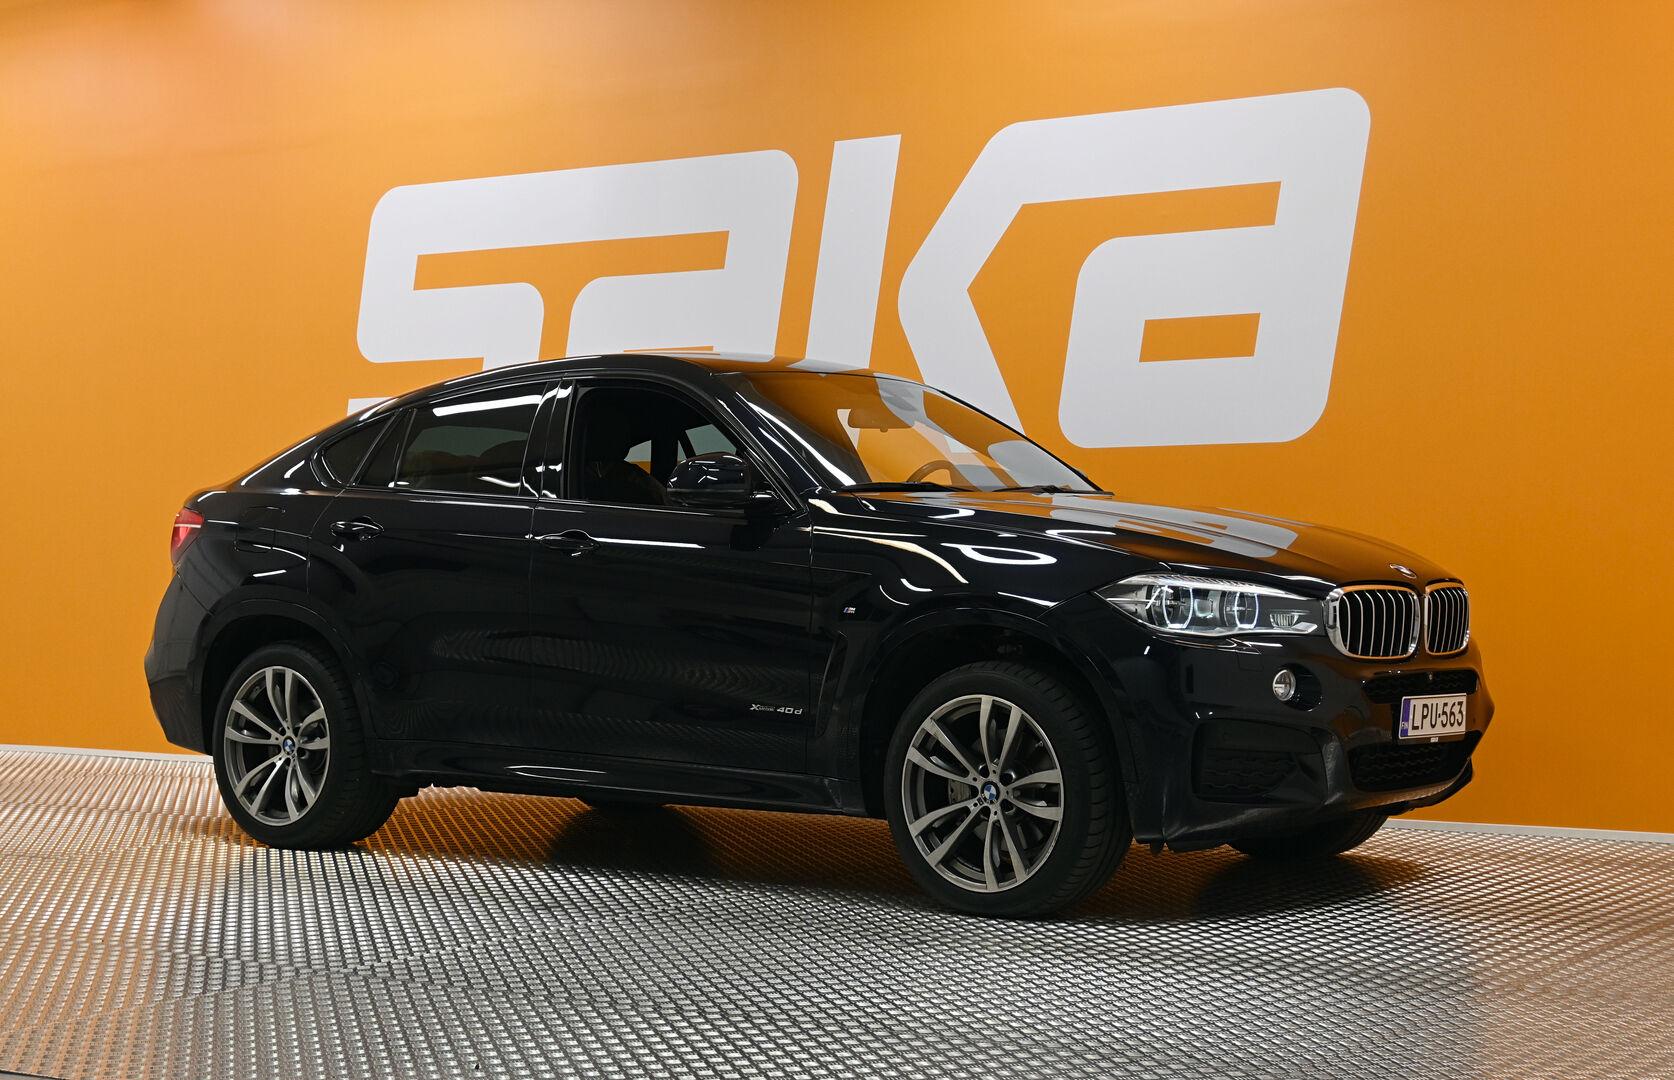 Musta Maastoauto, BMW X6 – OUL-13943, kuva 1